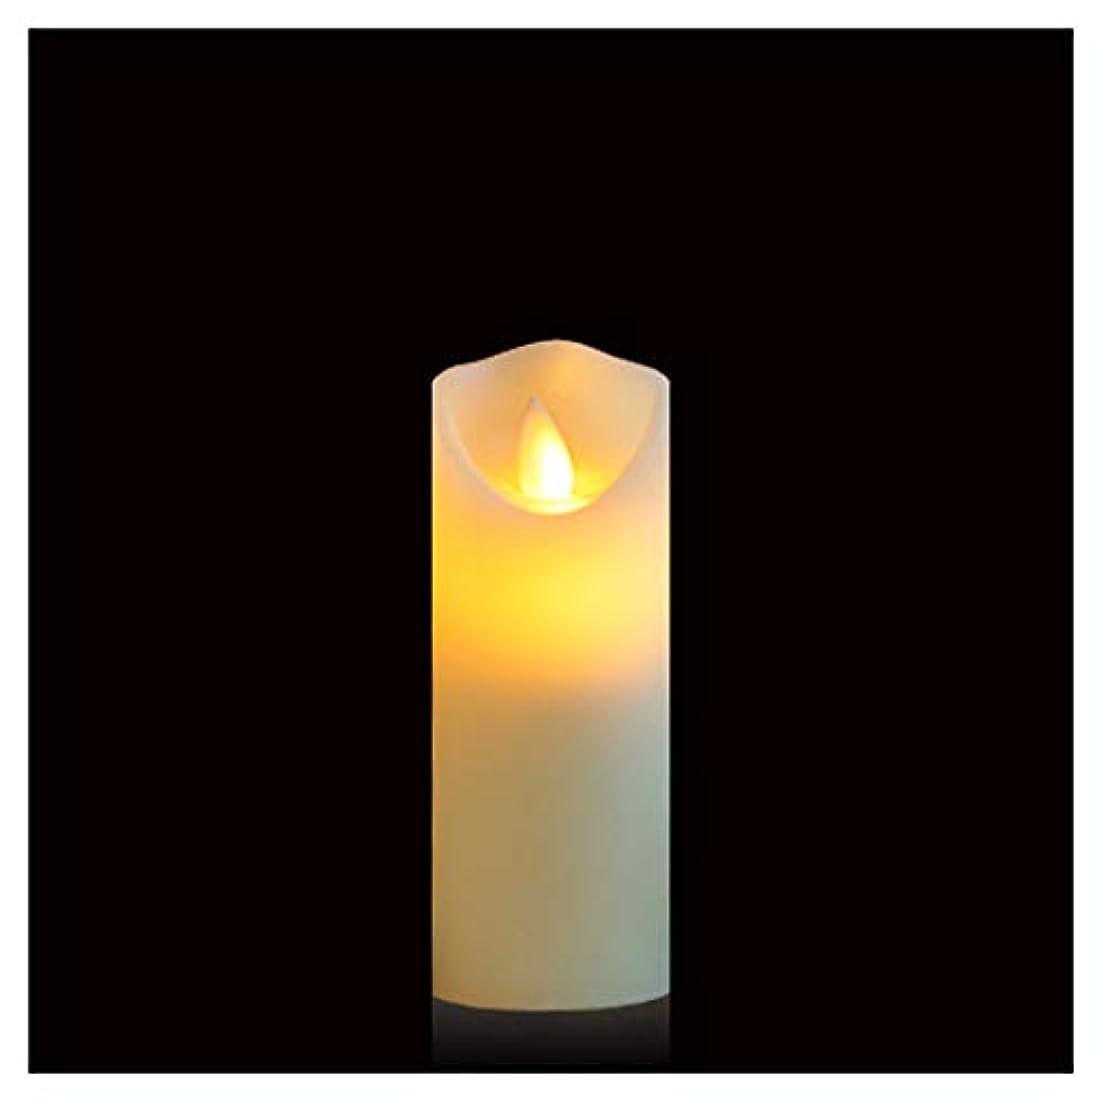 操るシャープ有名Gootu 火を使わないキャンドル 単3電池式 LEDピラーキャンドル 本物のロウ 揺らめく無香キャンドル 電子キャンドル レストランシーンキャンドル 誕生日パーティーキャンドル 高さ5インチ 組み合わせ ホワイト